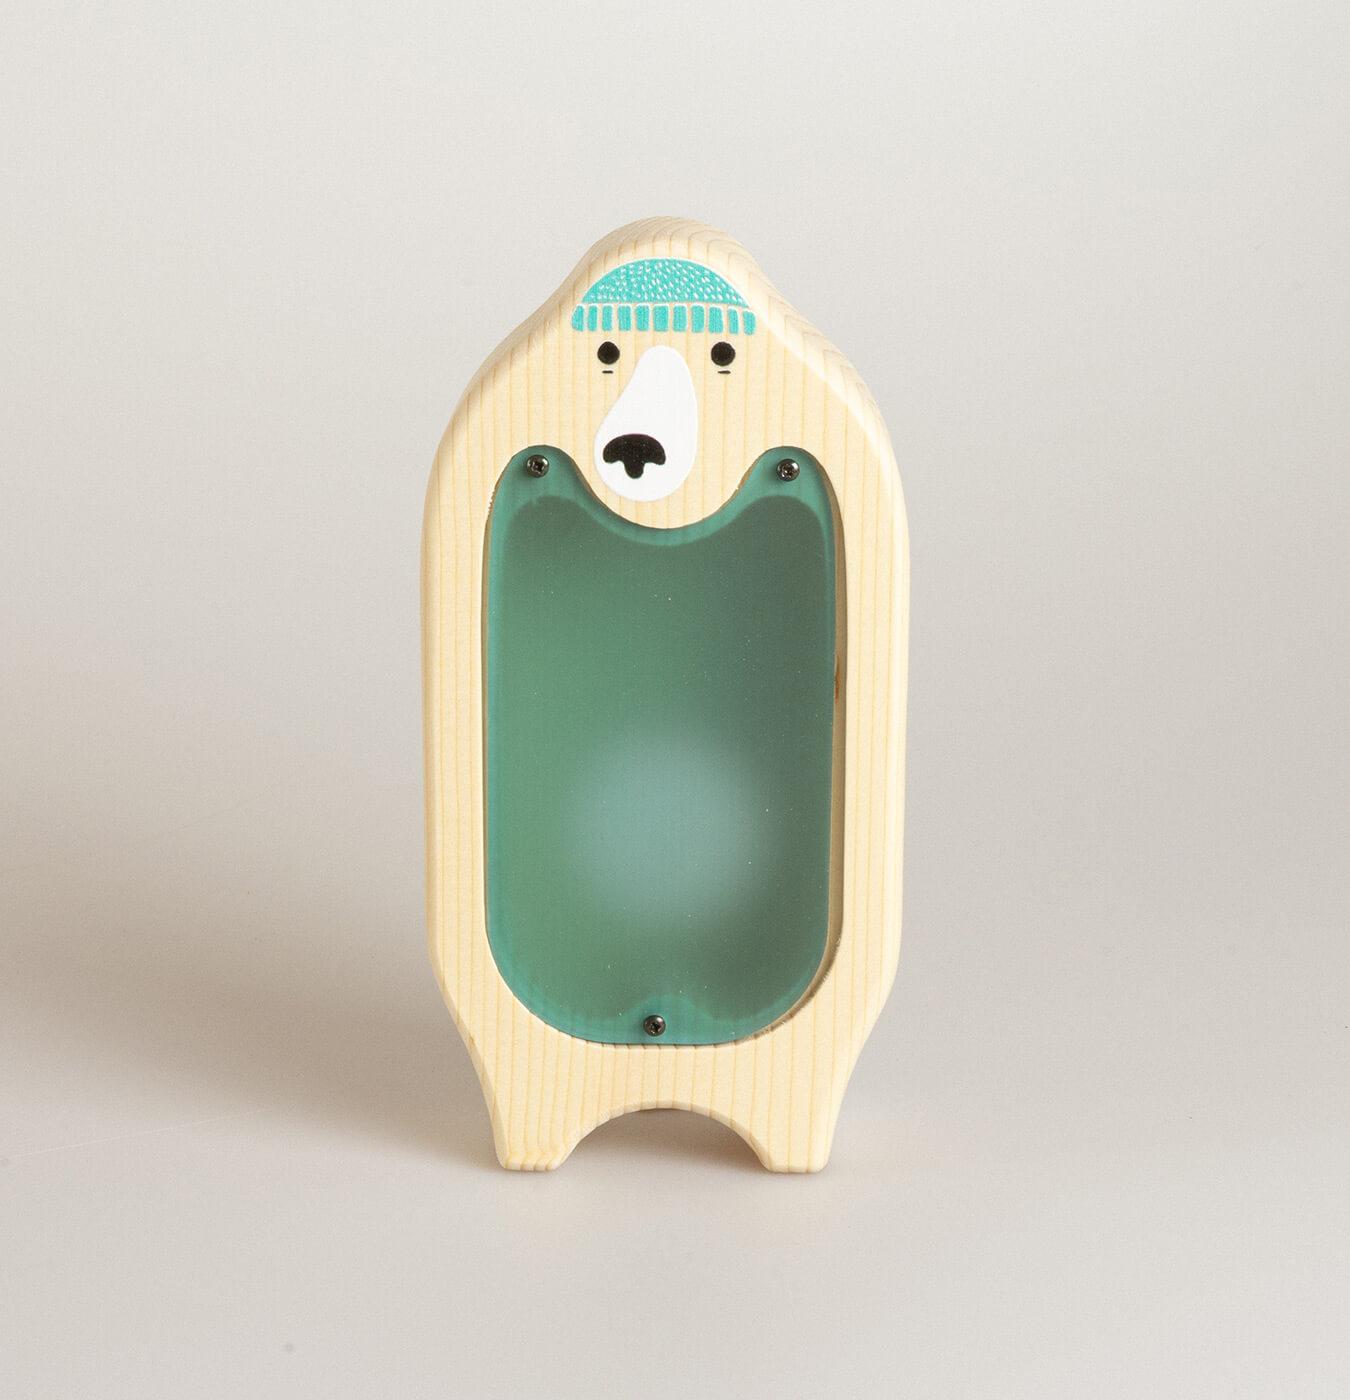 Salvadanio in legno di abete con stampa orsetto